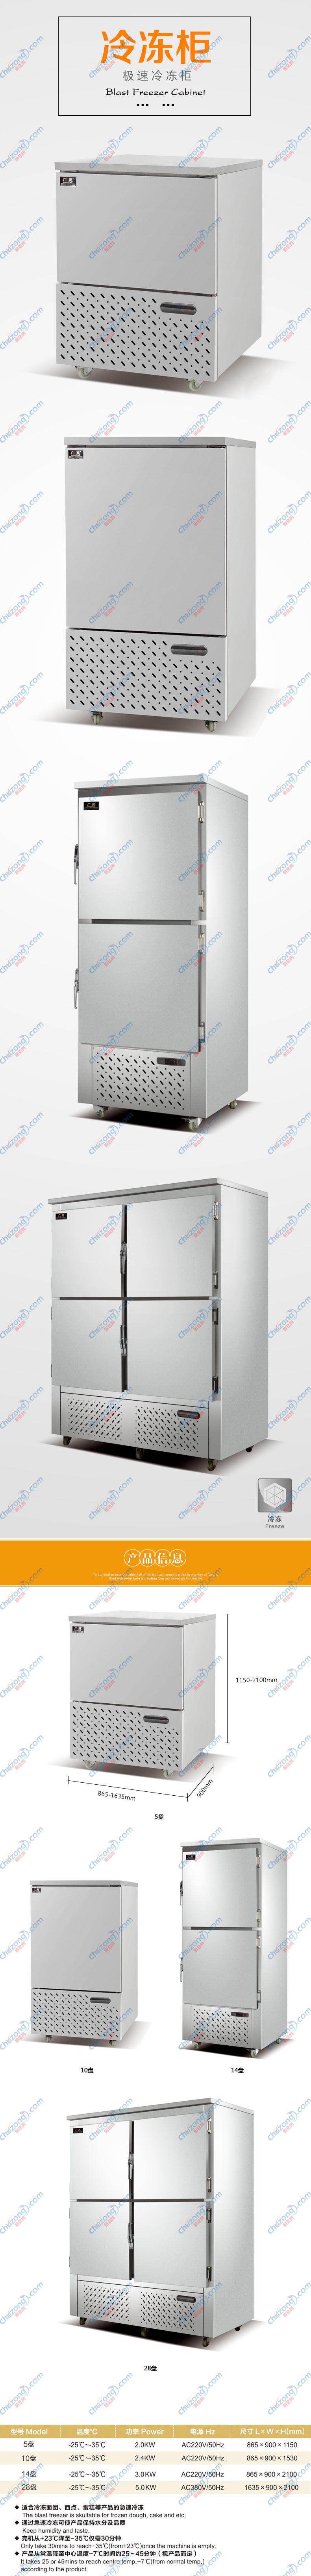 广菱四门28盘冷冻柜图片